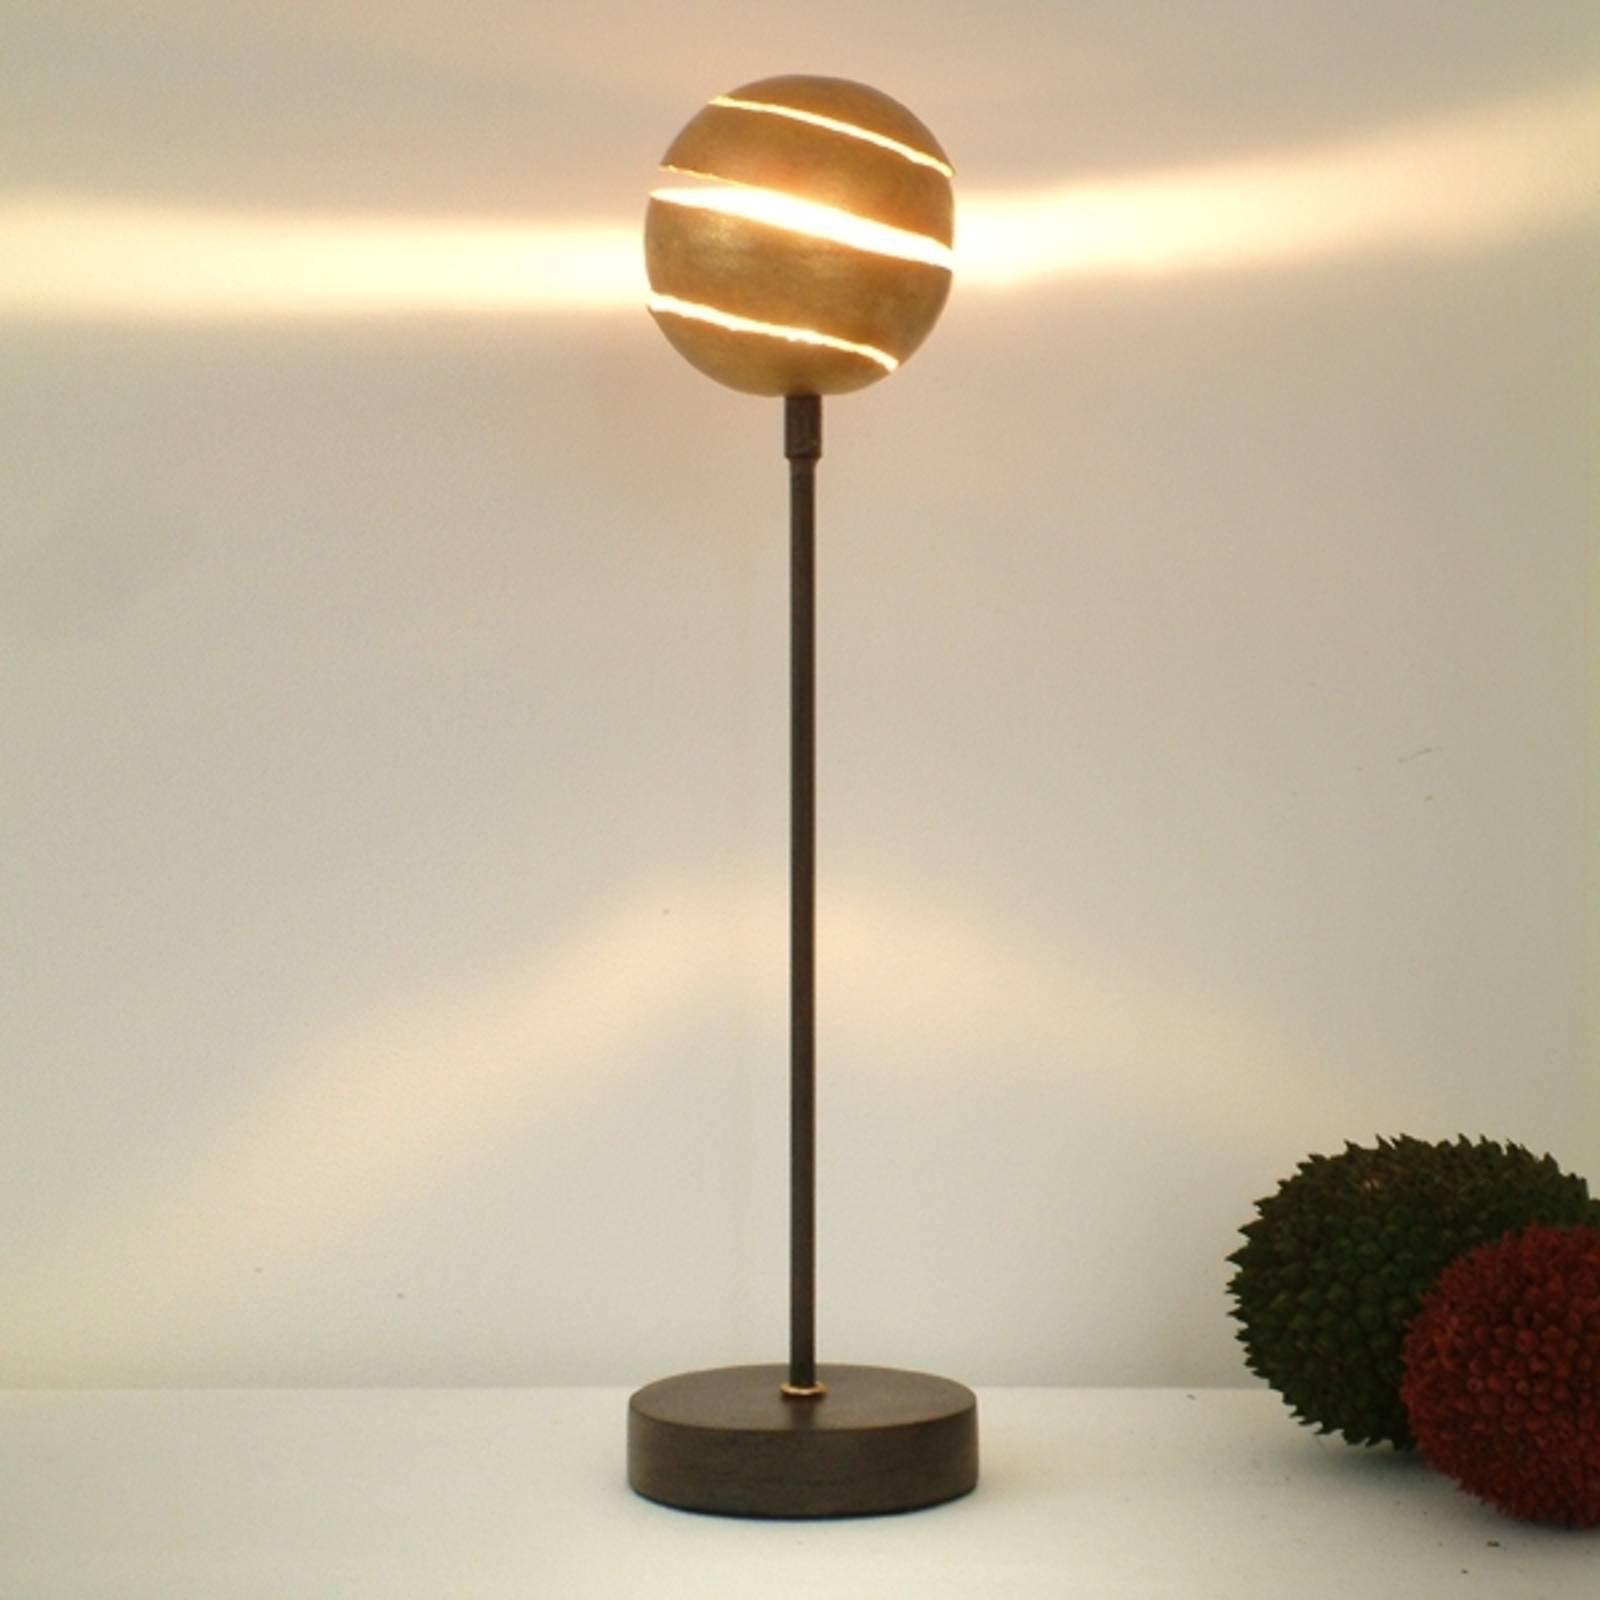 Dekorativ bordlampe KUGELBLITZ GOLD av jern